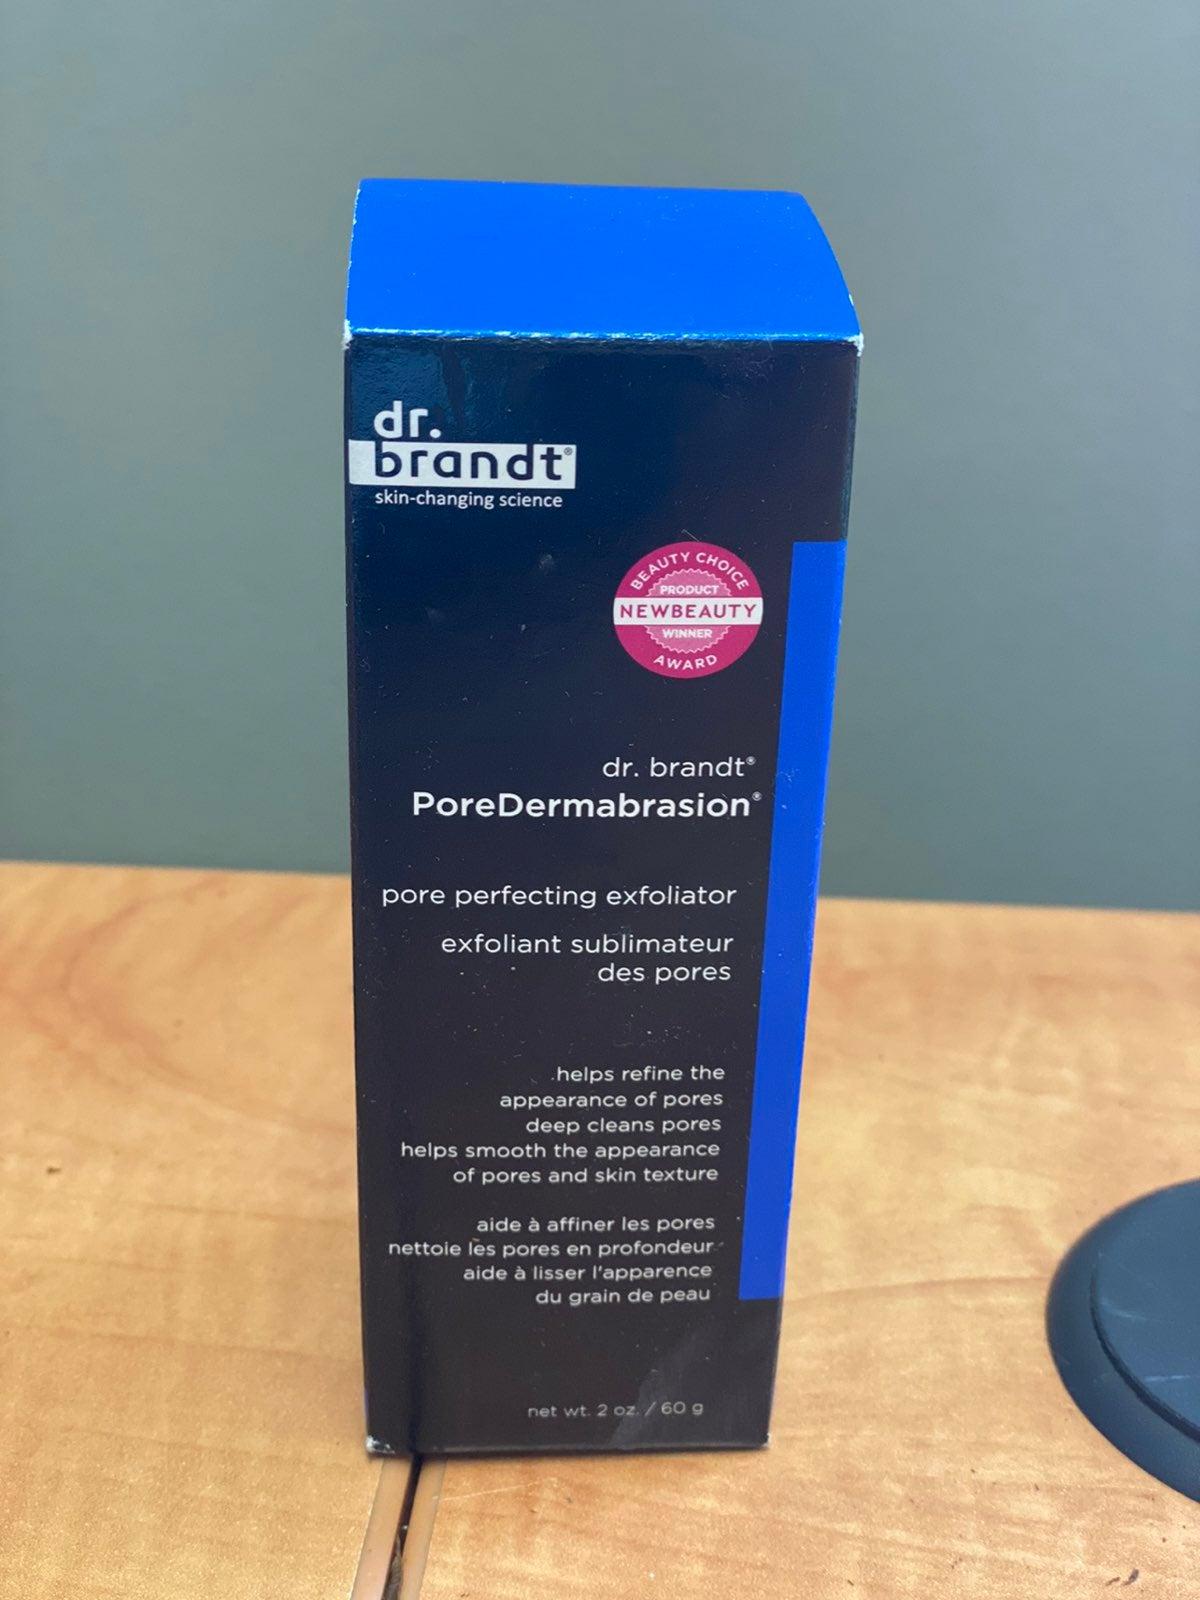 Dr. brandt pore dermabrasion exfoliator